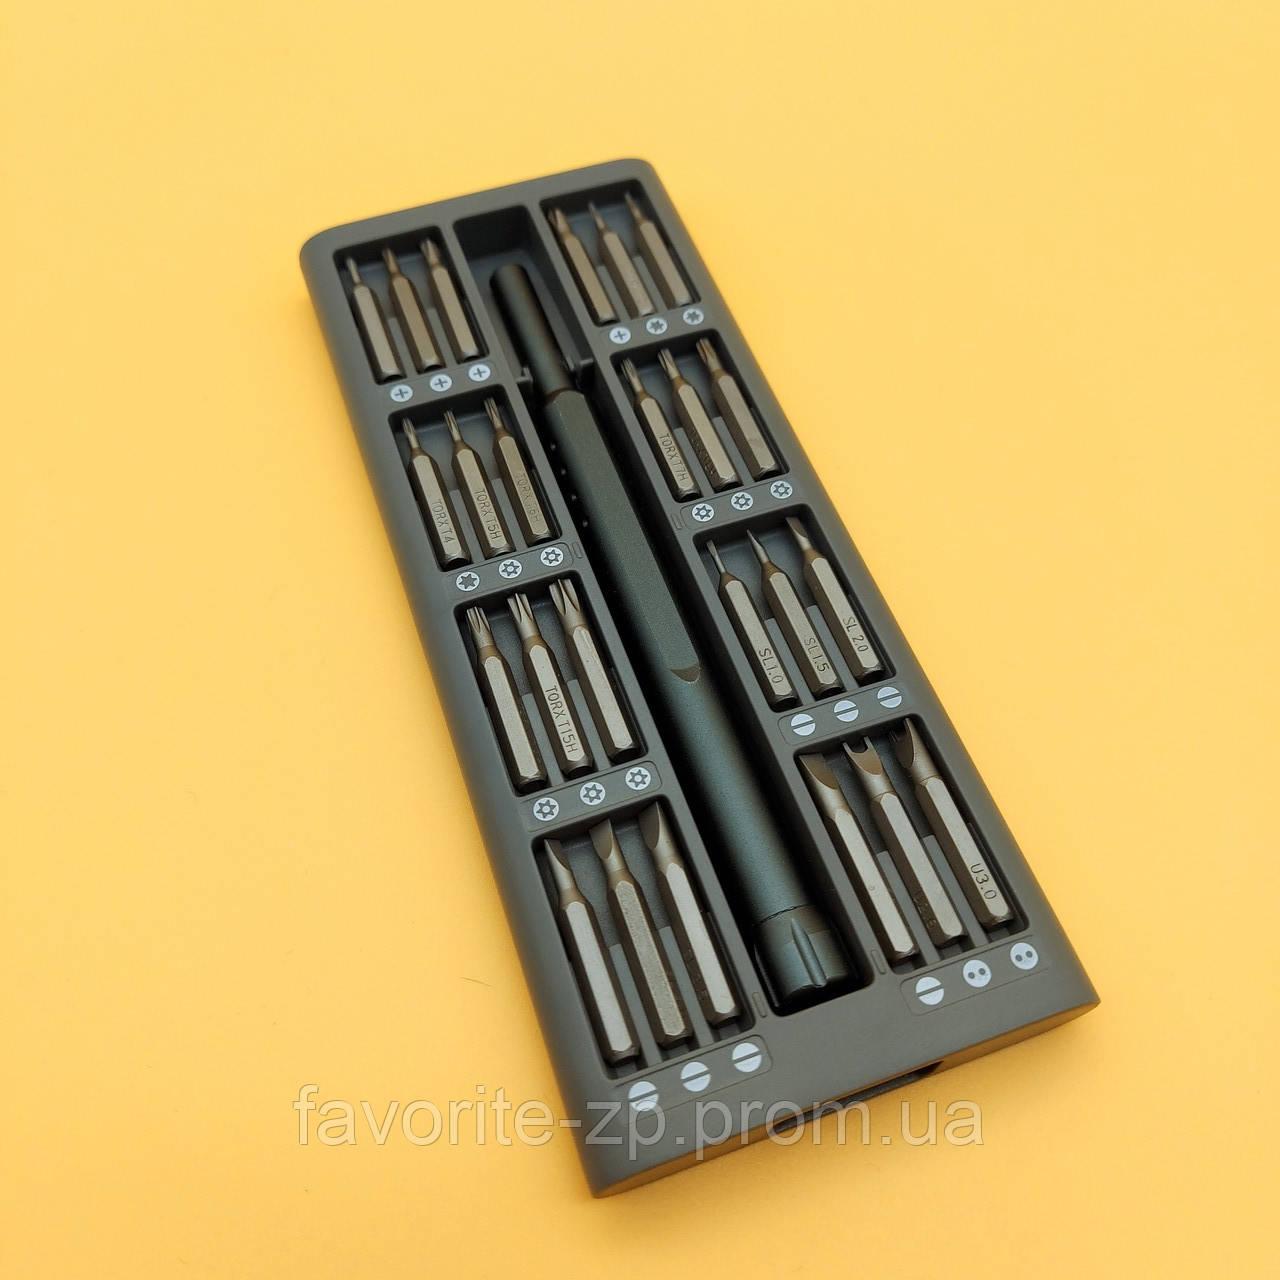 Набор магнитных прецизионных отверток UKC в алюминиевом футляре (49 в 1) Grey